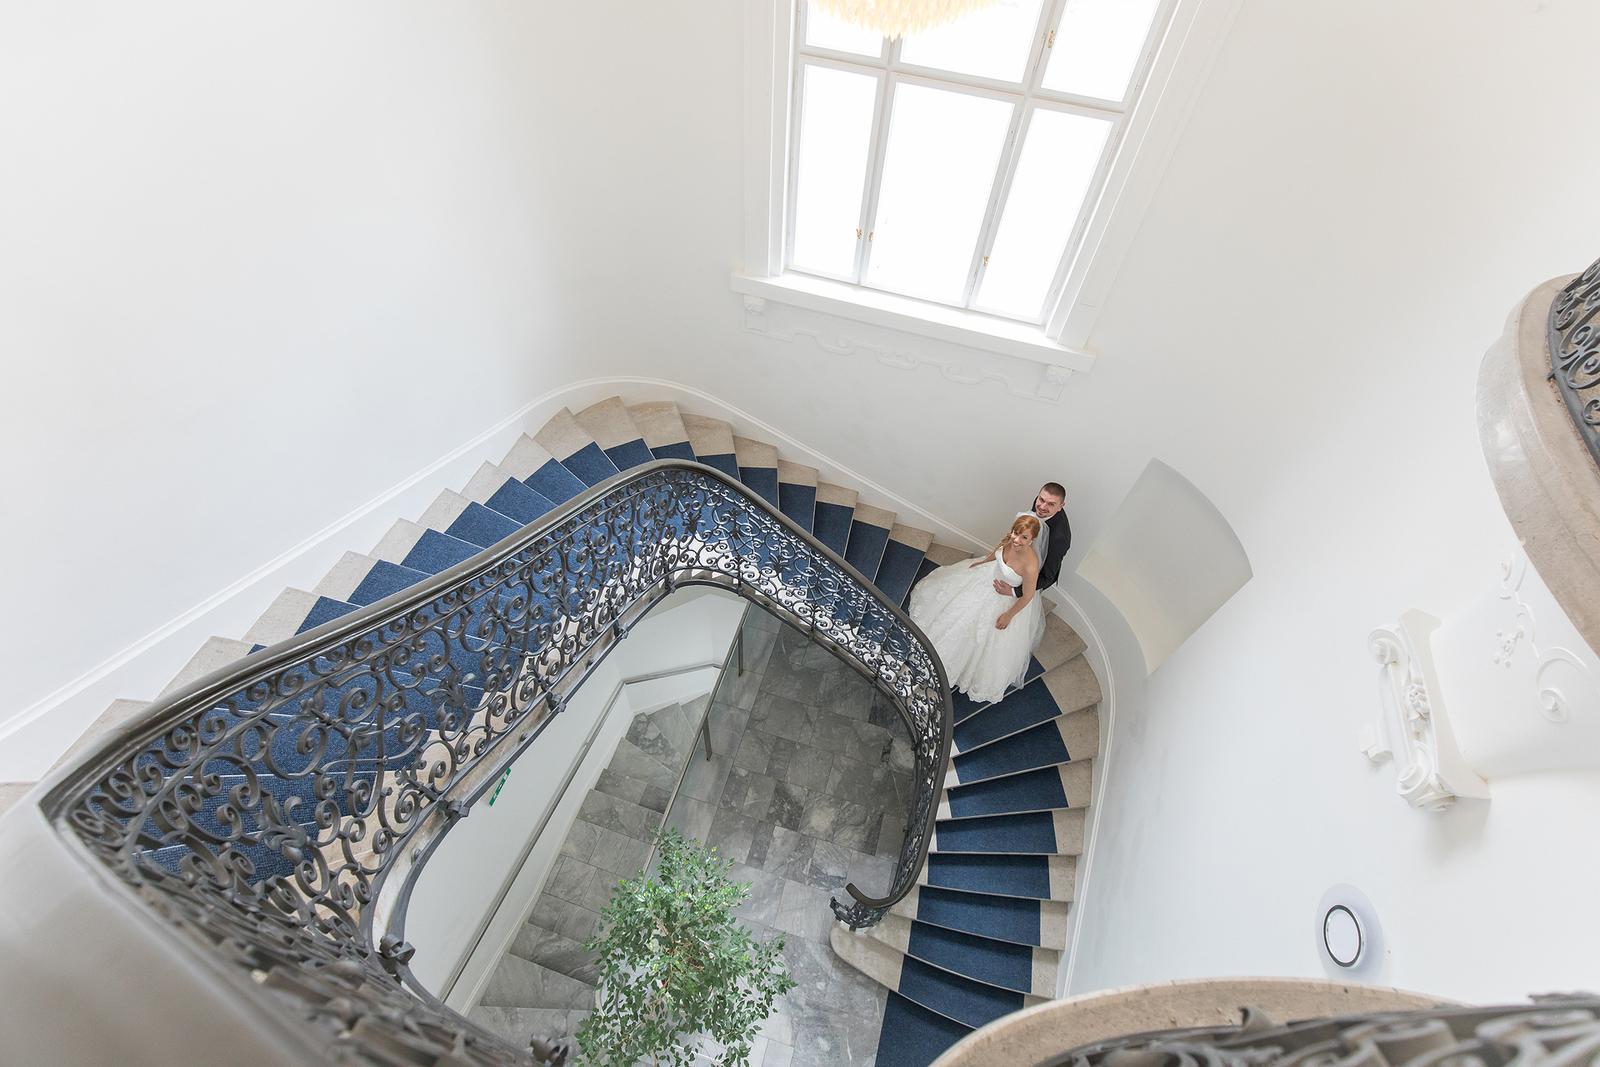 pavolpiroha - schody v Budmericiach ma vždy fascinovali